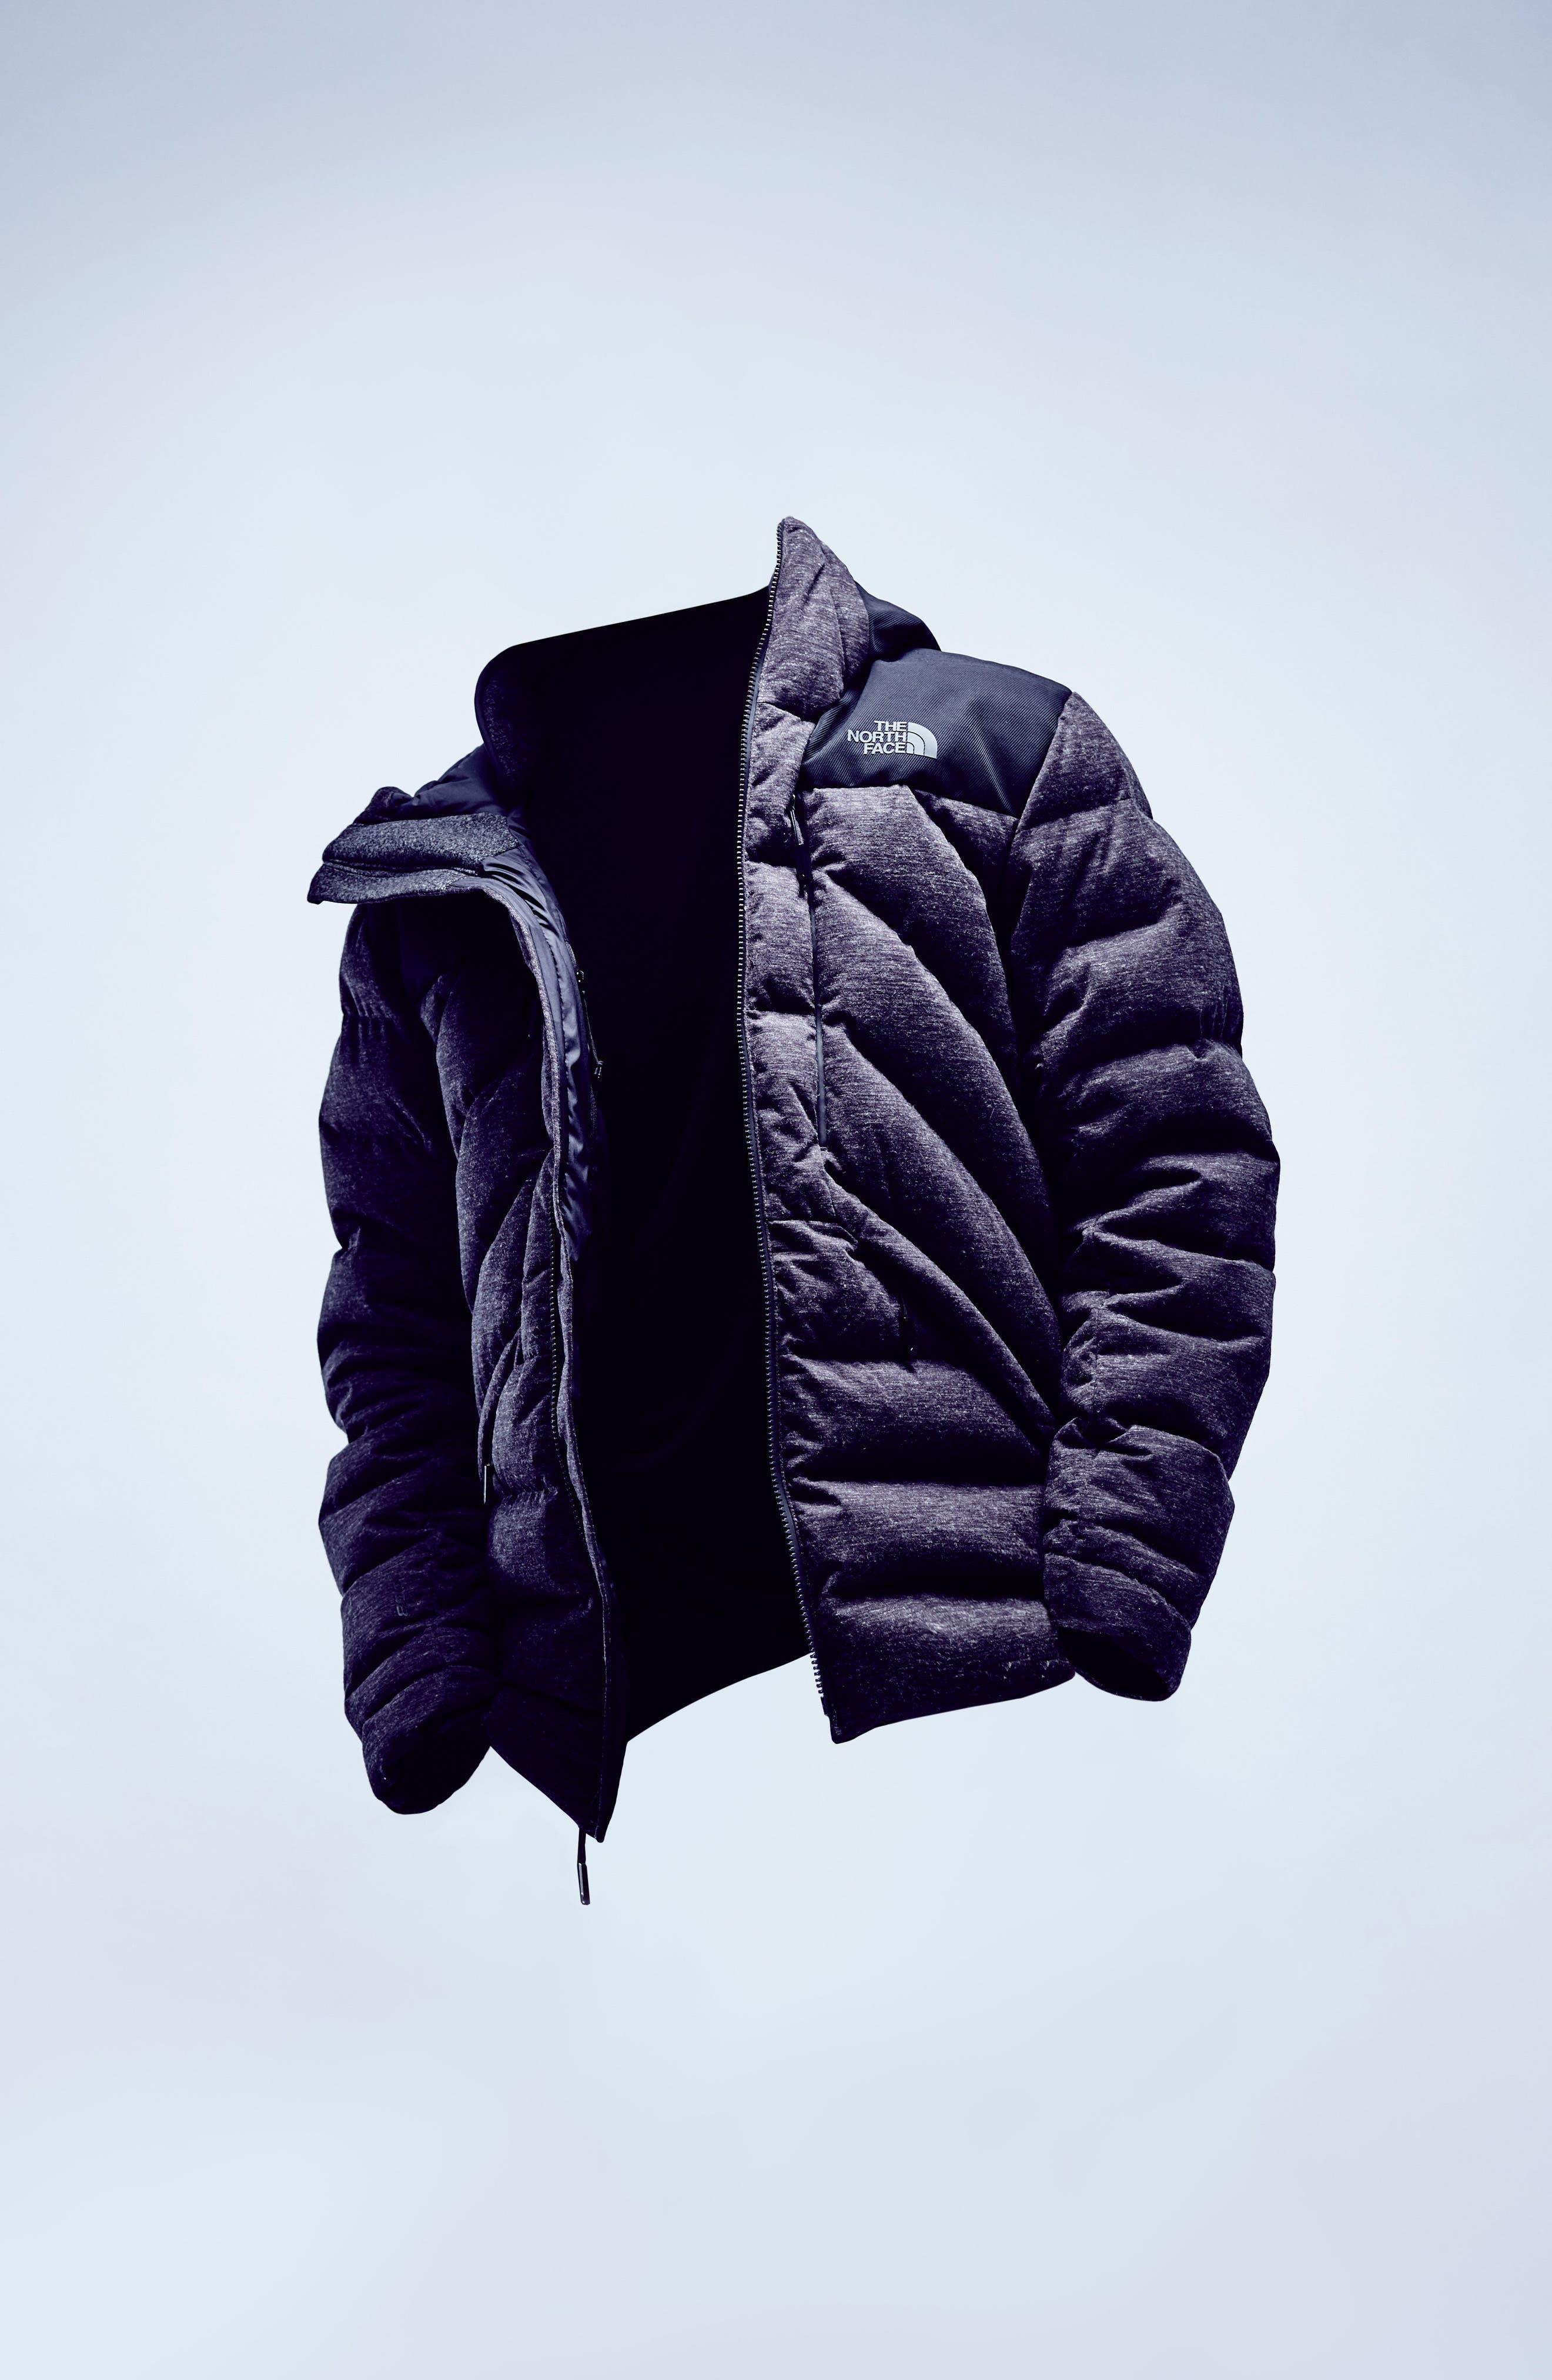 Cryos Waterproof Down Jacket,                             Alternate thumbnail 6, color,                             Dark Grey Heather